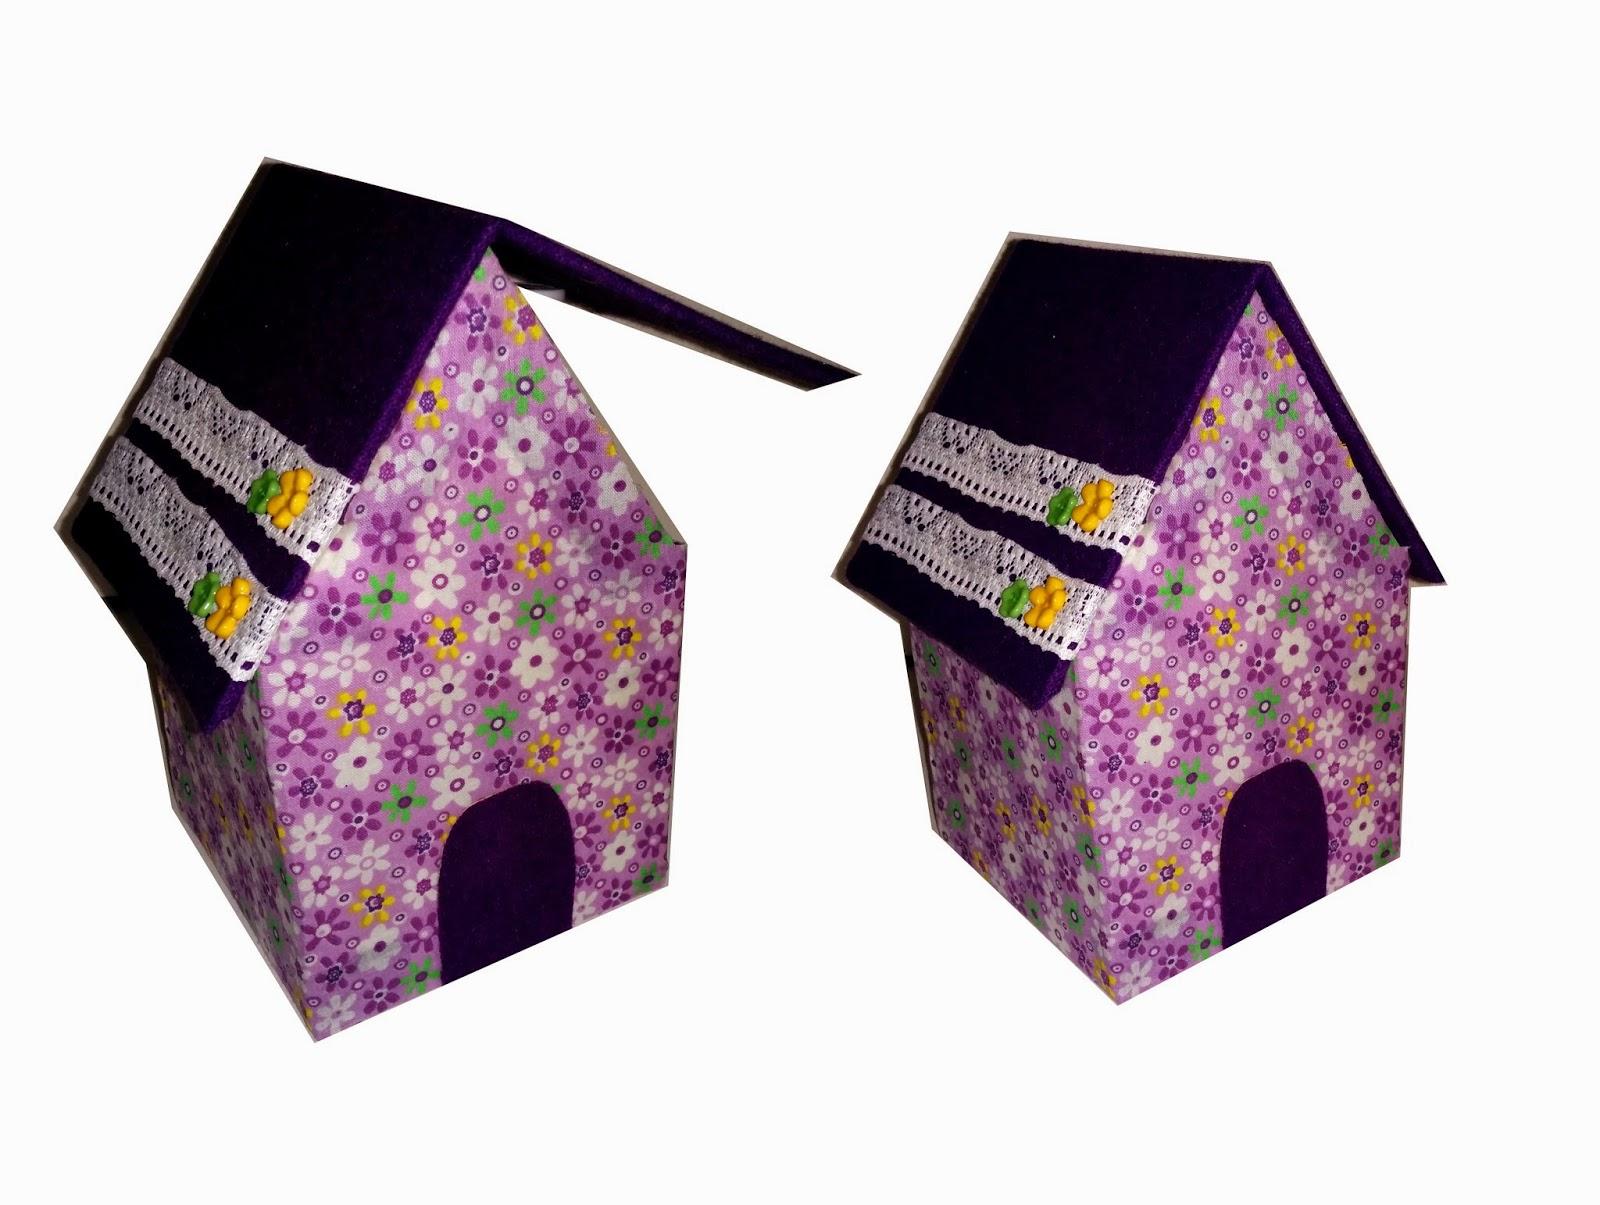 Manualidades Con Mis Manitas Haz Una Casa Cajita Reciclando Carton - Manualidades-con-materiales-de-casa